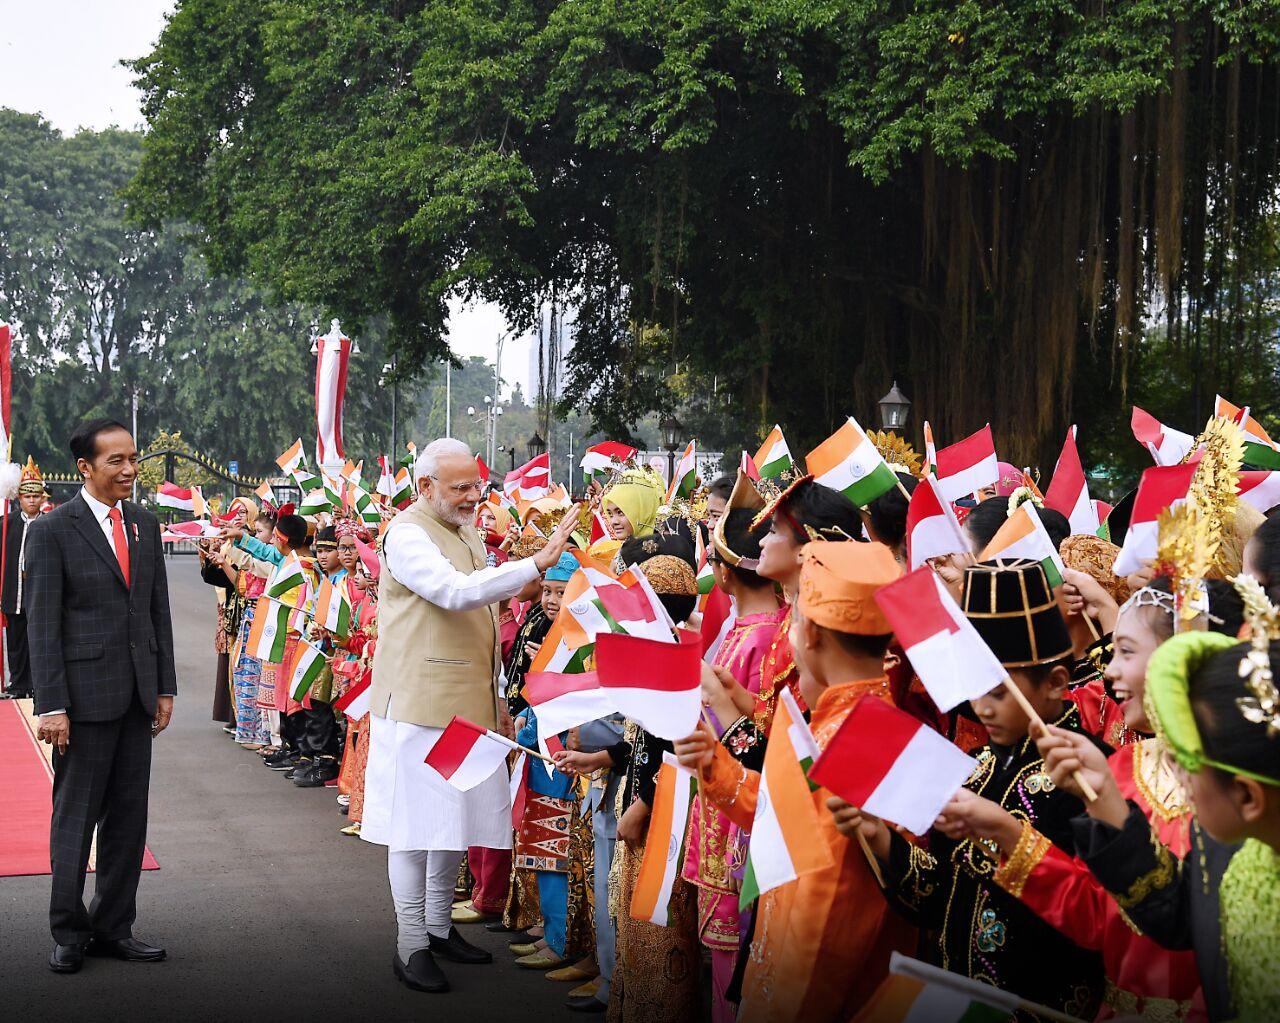 Ini 9 kesepakatan Indonesia-India saat Kunjungan PM Modi